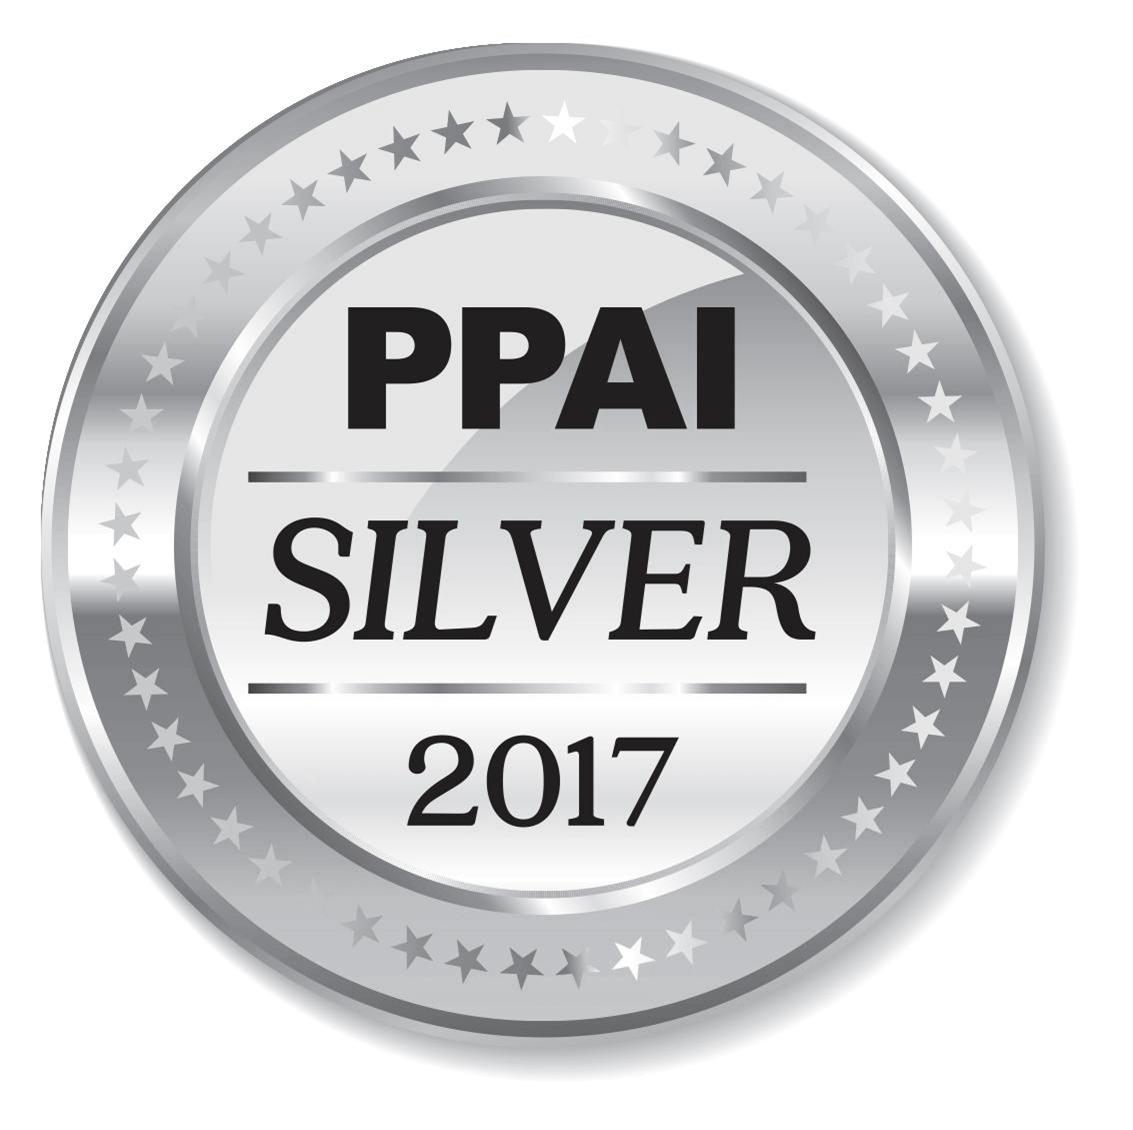 sliver awardd